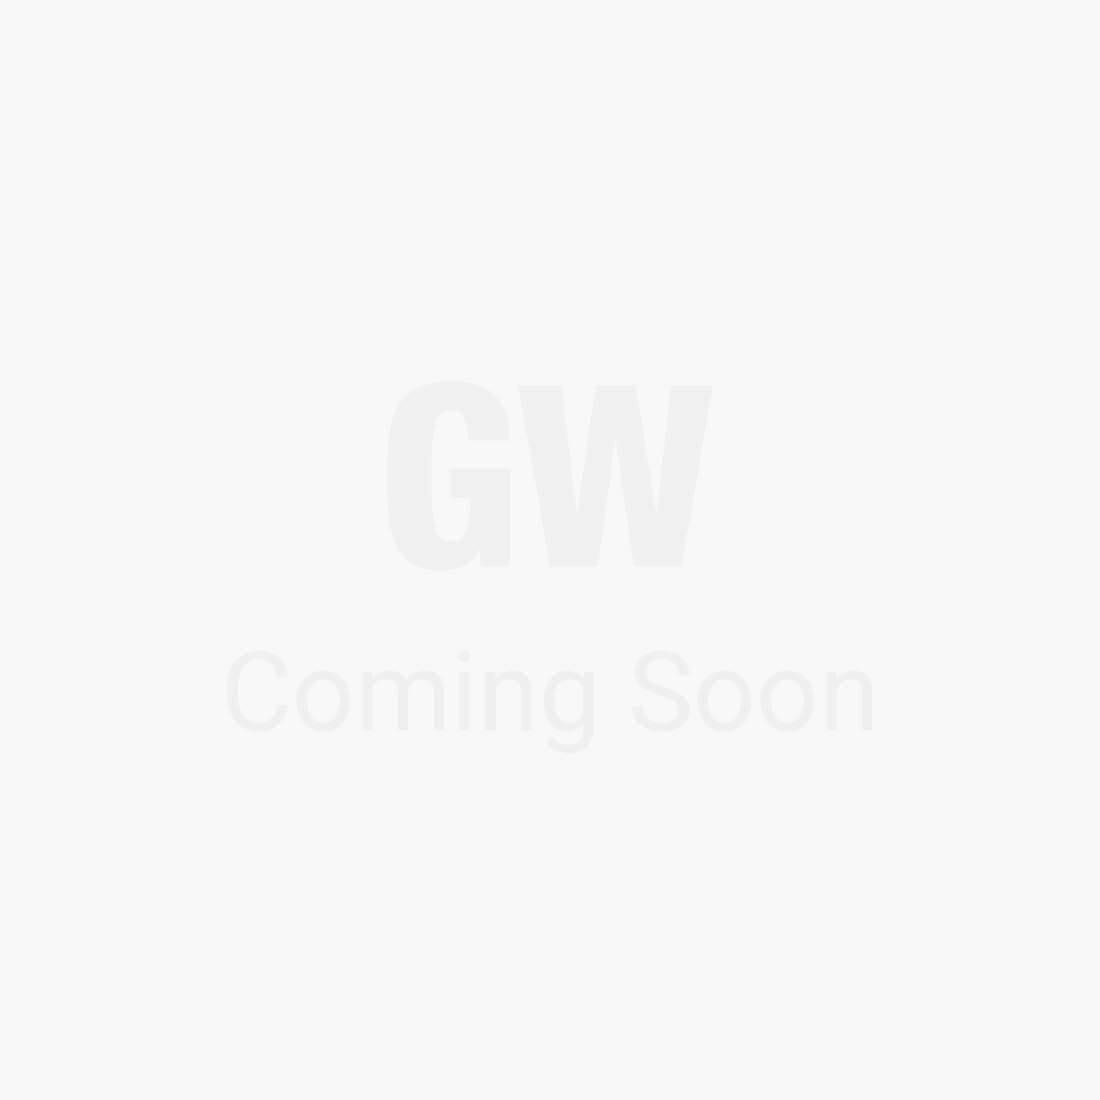 Gus Envoy 50 Desk